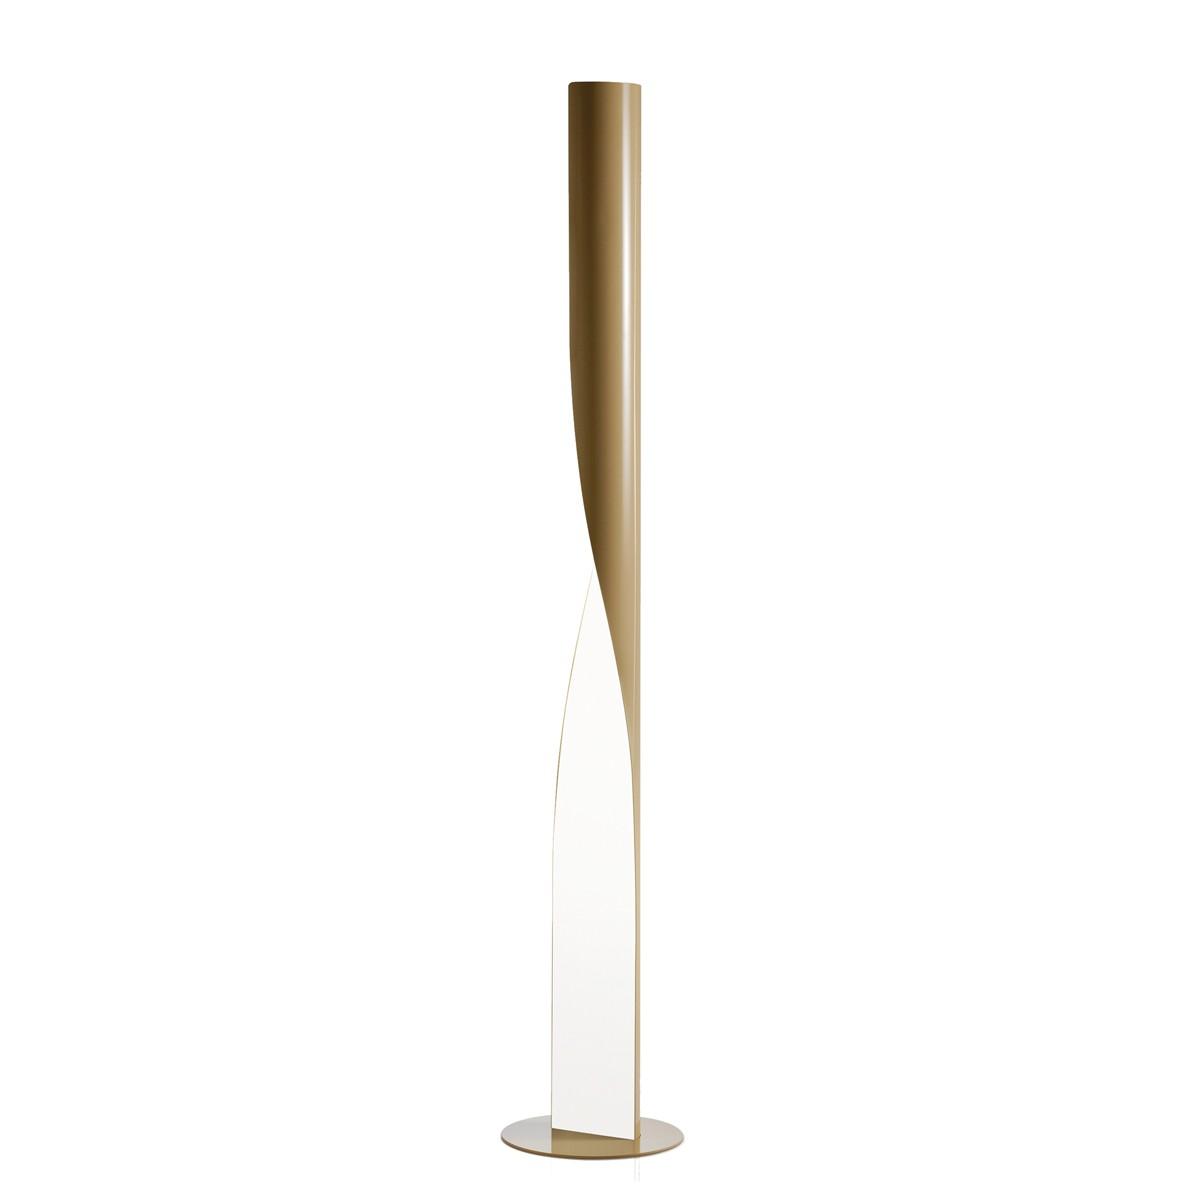 Kundalini Evita LED Stehleuchte, beige glänzend